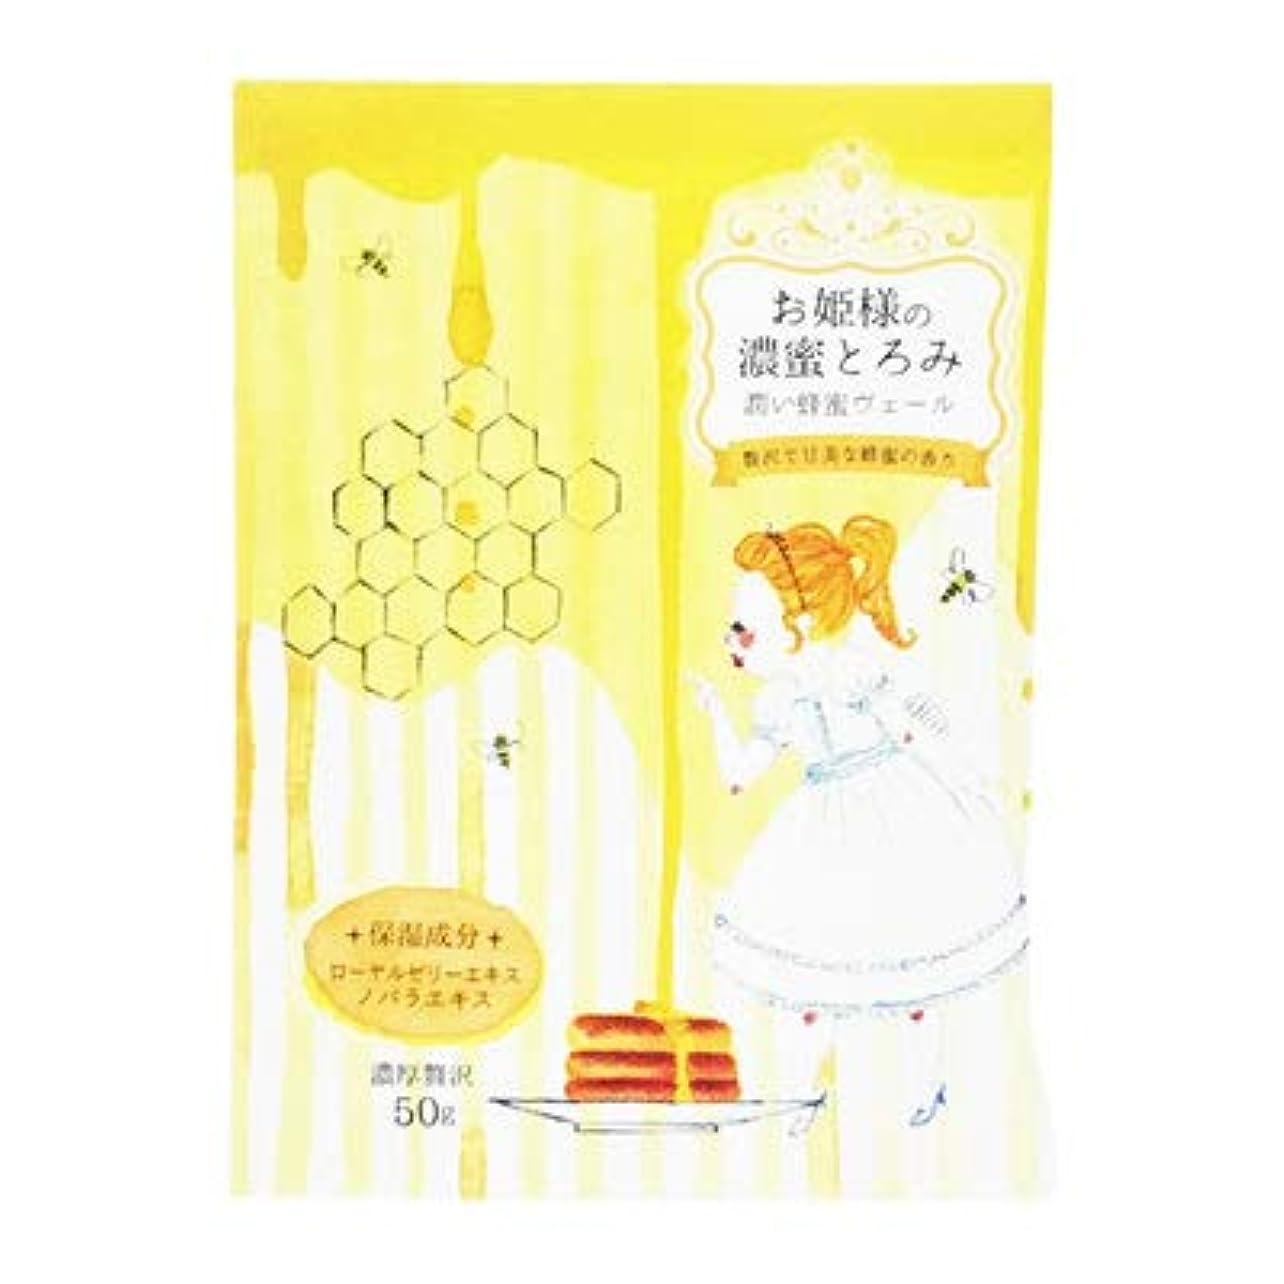 特徴づけるホイスト酸【まとめ買い3個セット】 お姫様風呂 濃密とろみ